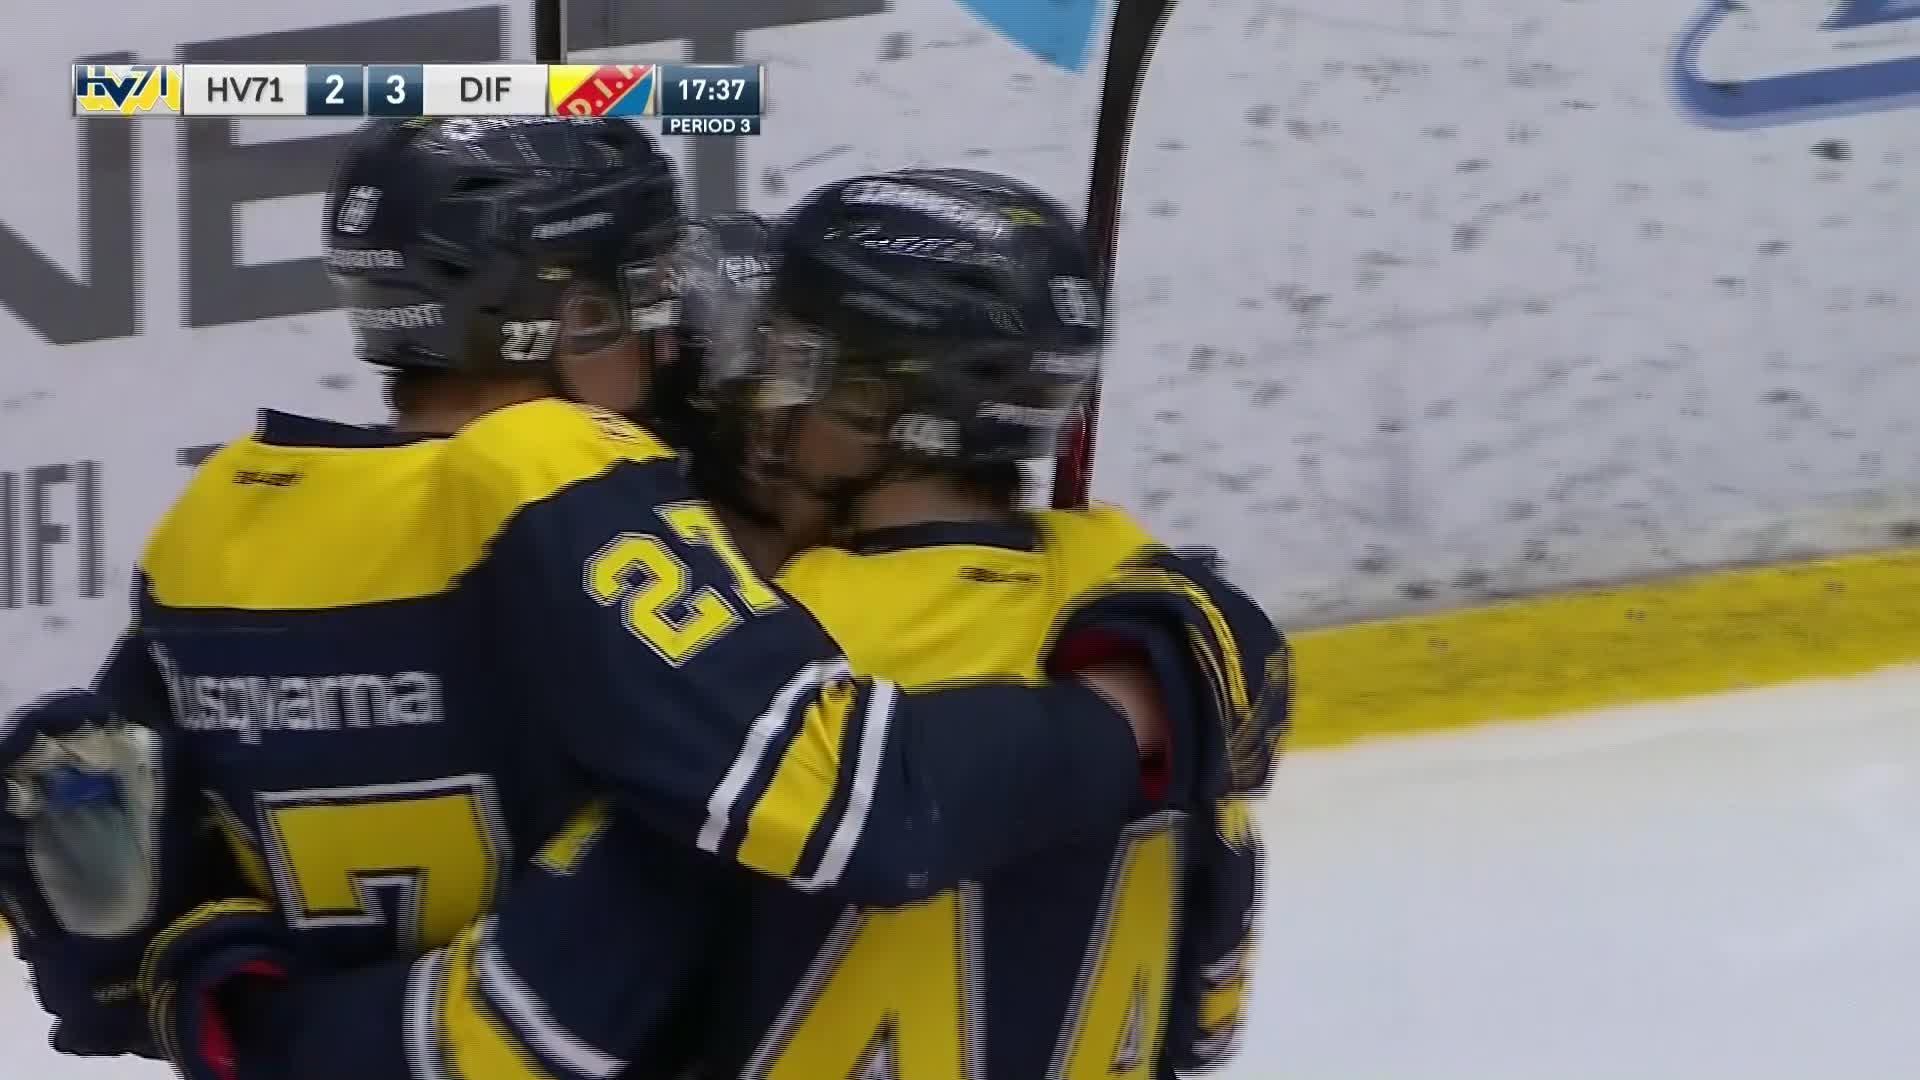 HV71 - Djurgården Hockey 2-3